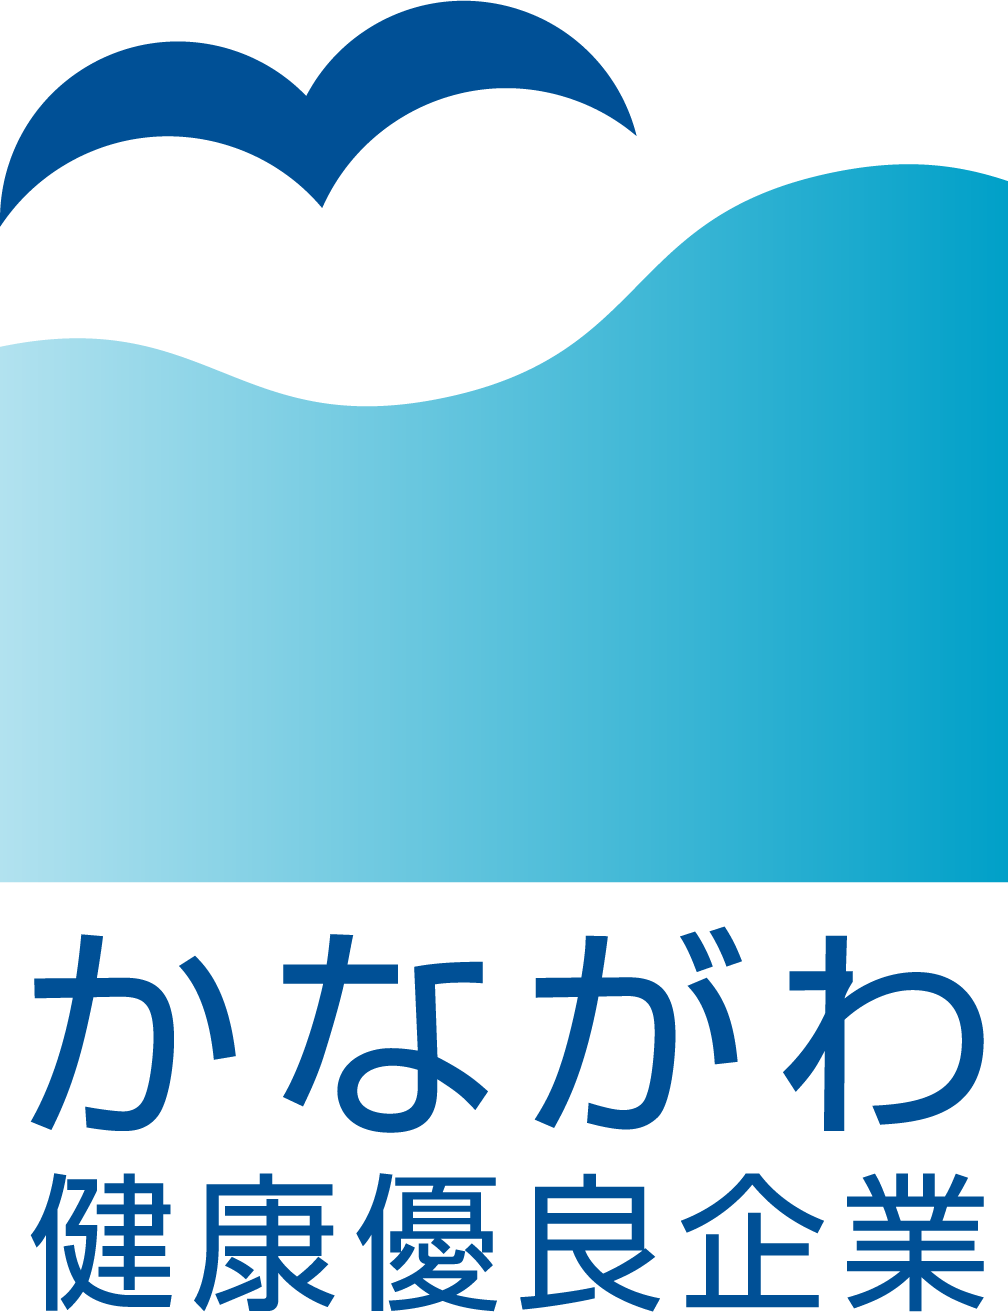 kanagawa_kenko_LOGO_4C.png